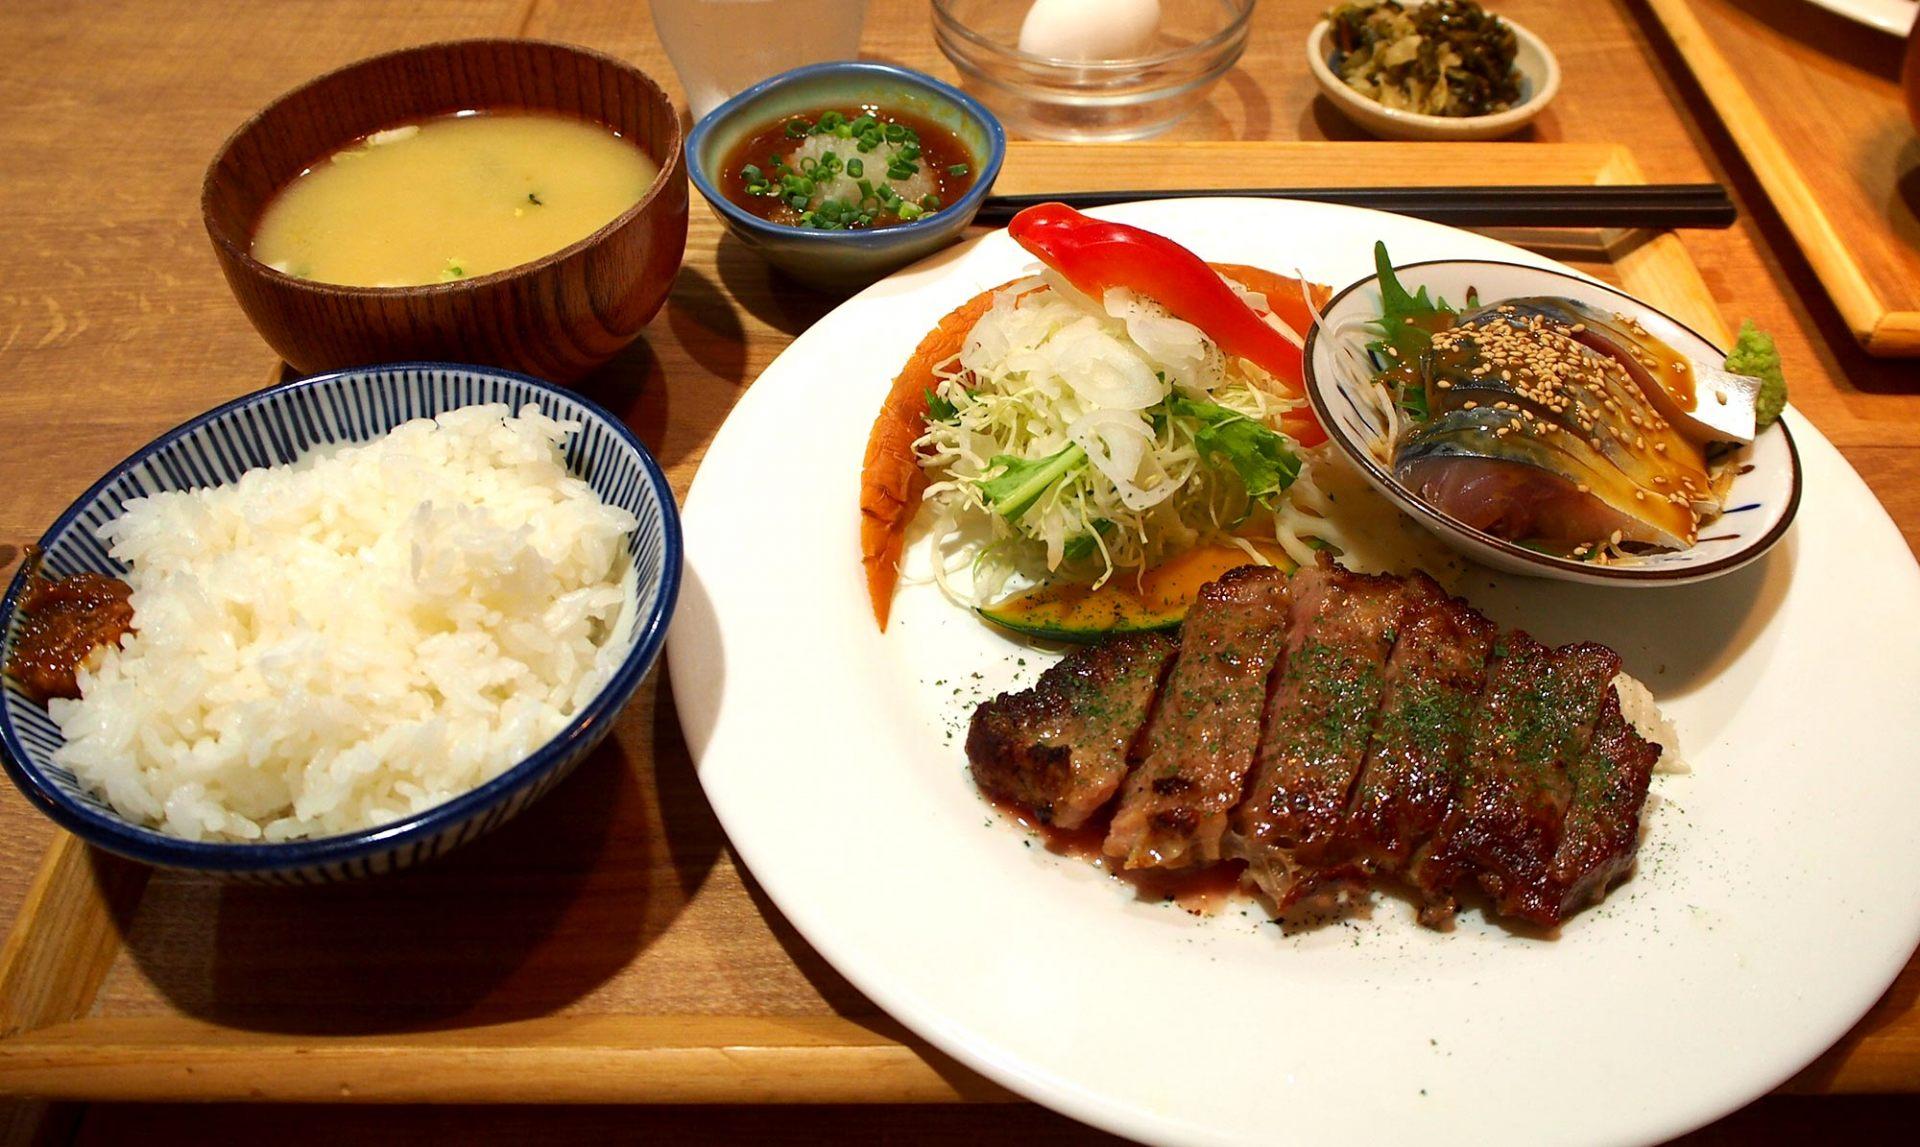 沙朗牛排&芝麻鲭鱼套餐